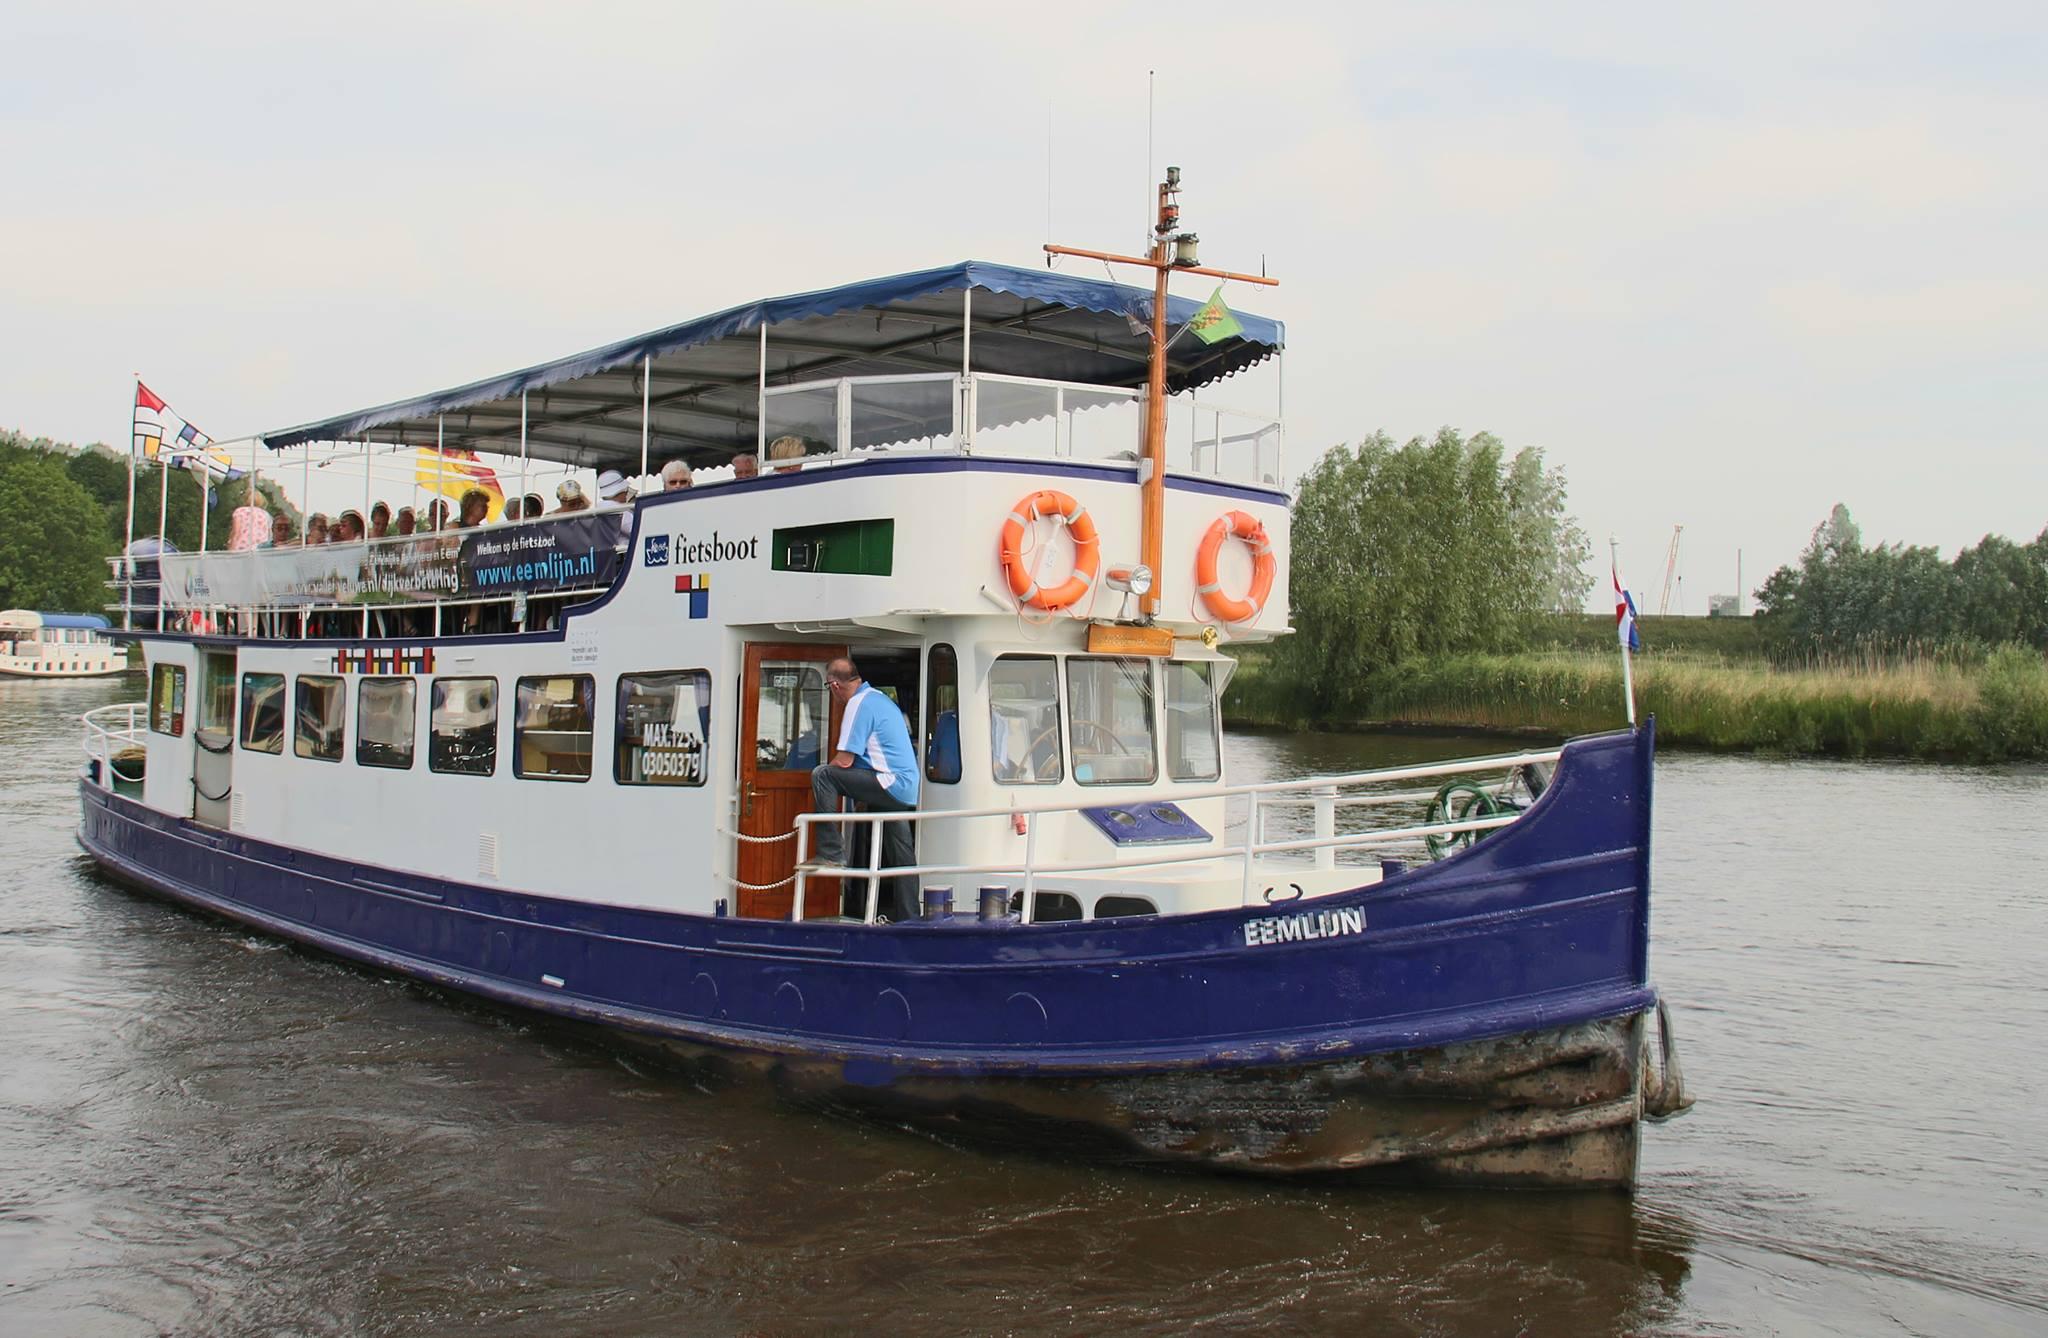 Fietsboot Eemlijn